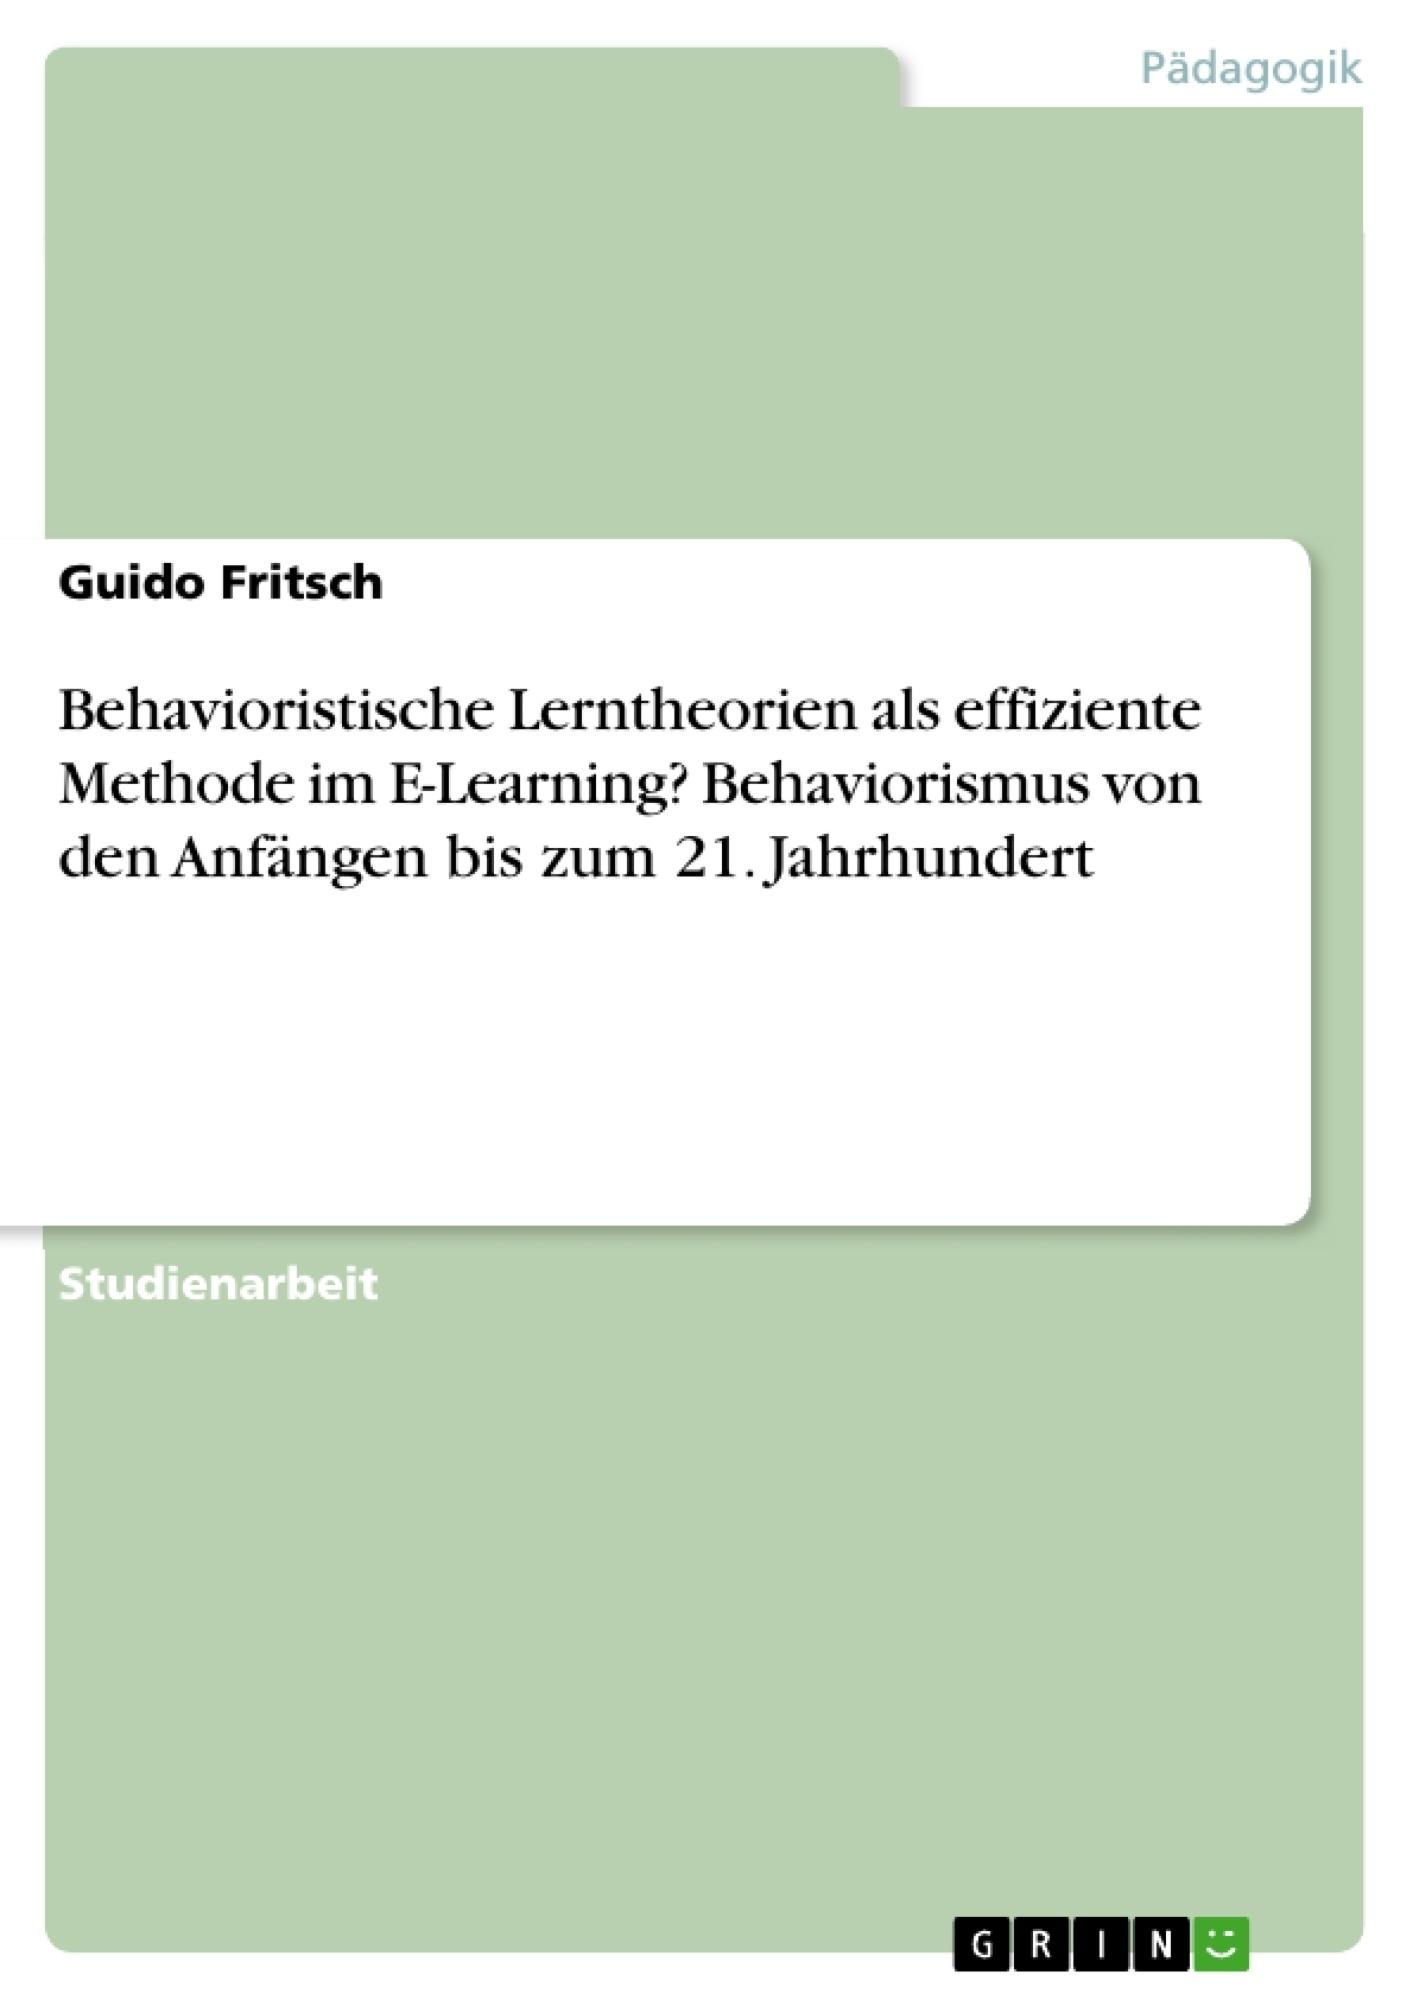 Titel: Behavioristische Lerntheorien als effiziente Methode im E-Learning? Behaviorismus von den Anfängen bis zum 21. Jahrhundert